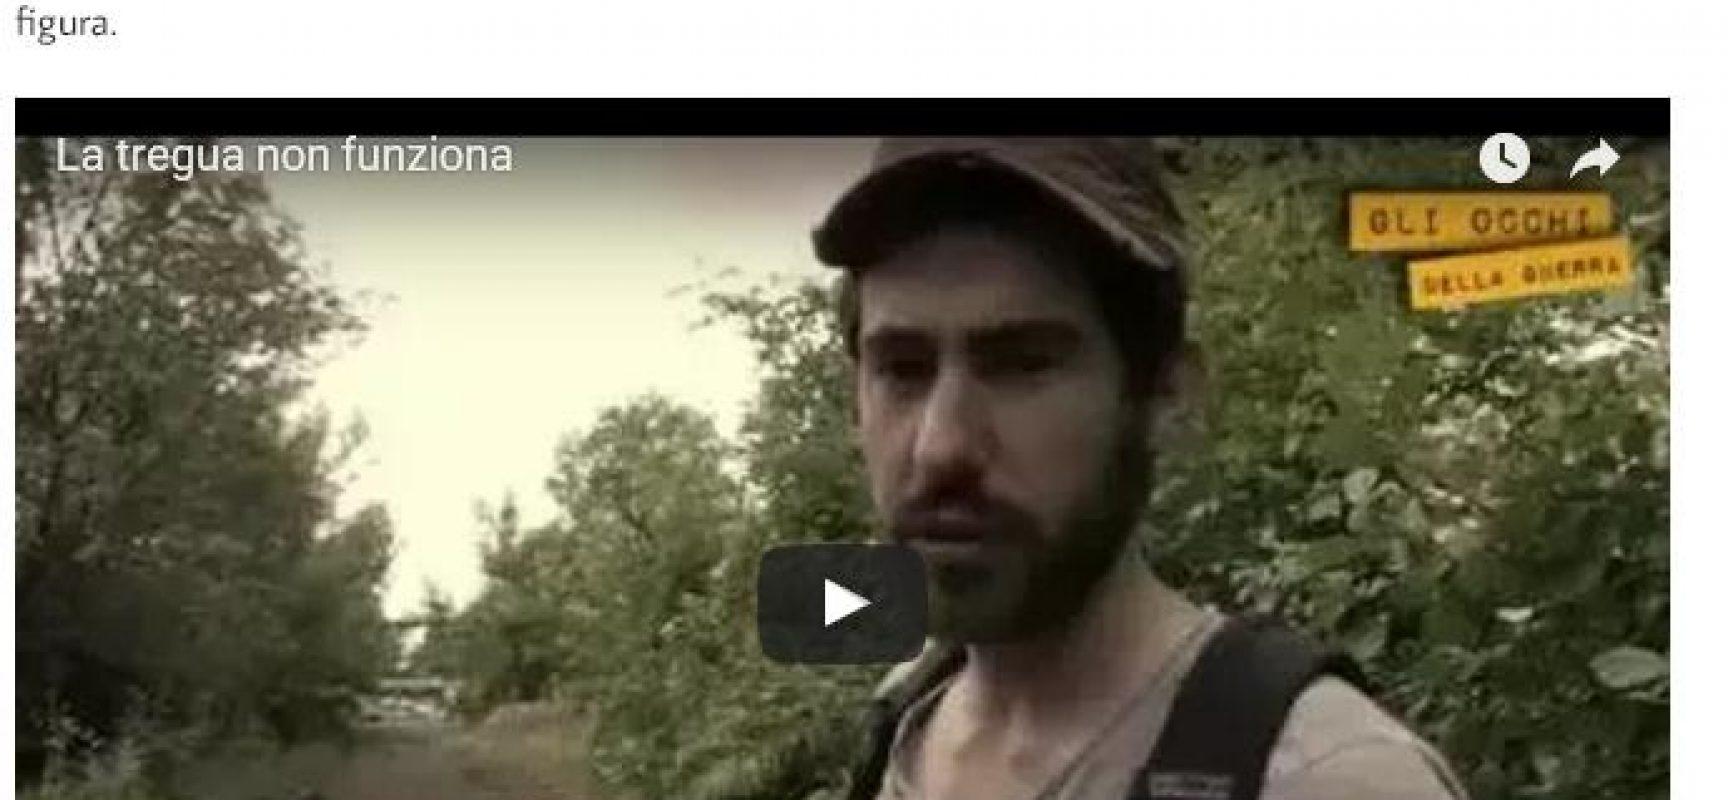 Fake : Sceresini la guerra in Donbass colpa dell'UE